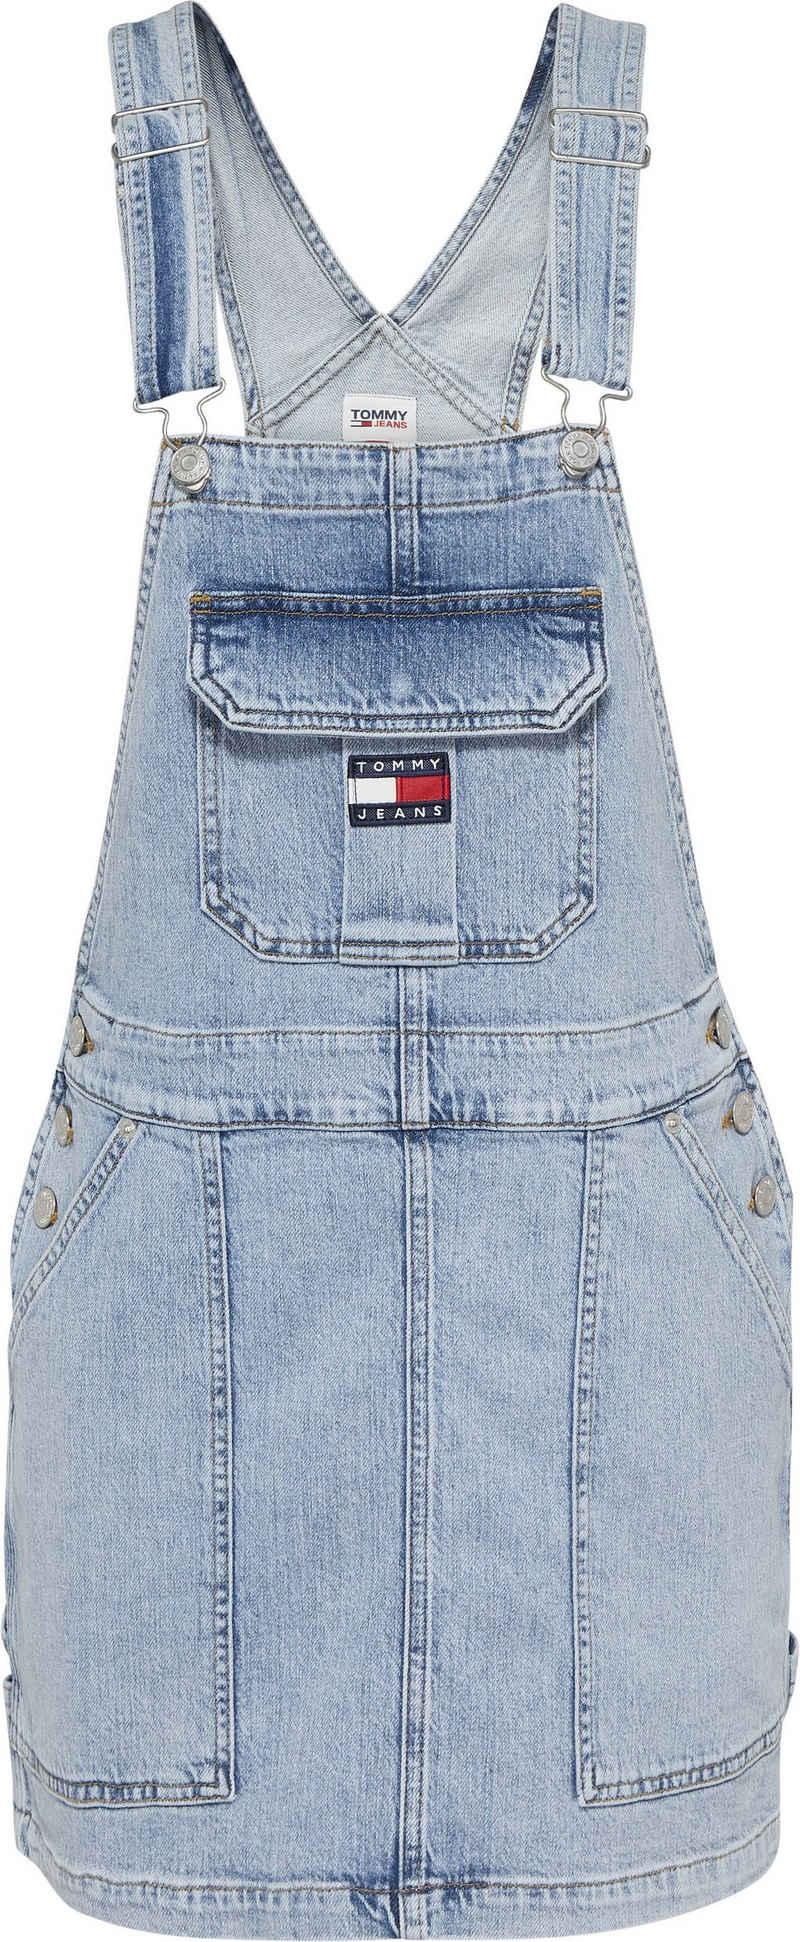 Tommy Jeans Latzkleid »CARGO DUNGAREE DRESS TJLLBC« mit verstellbaren Trägern & Tommy Jeans Logo-Badge